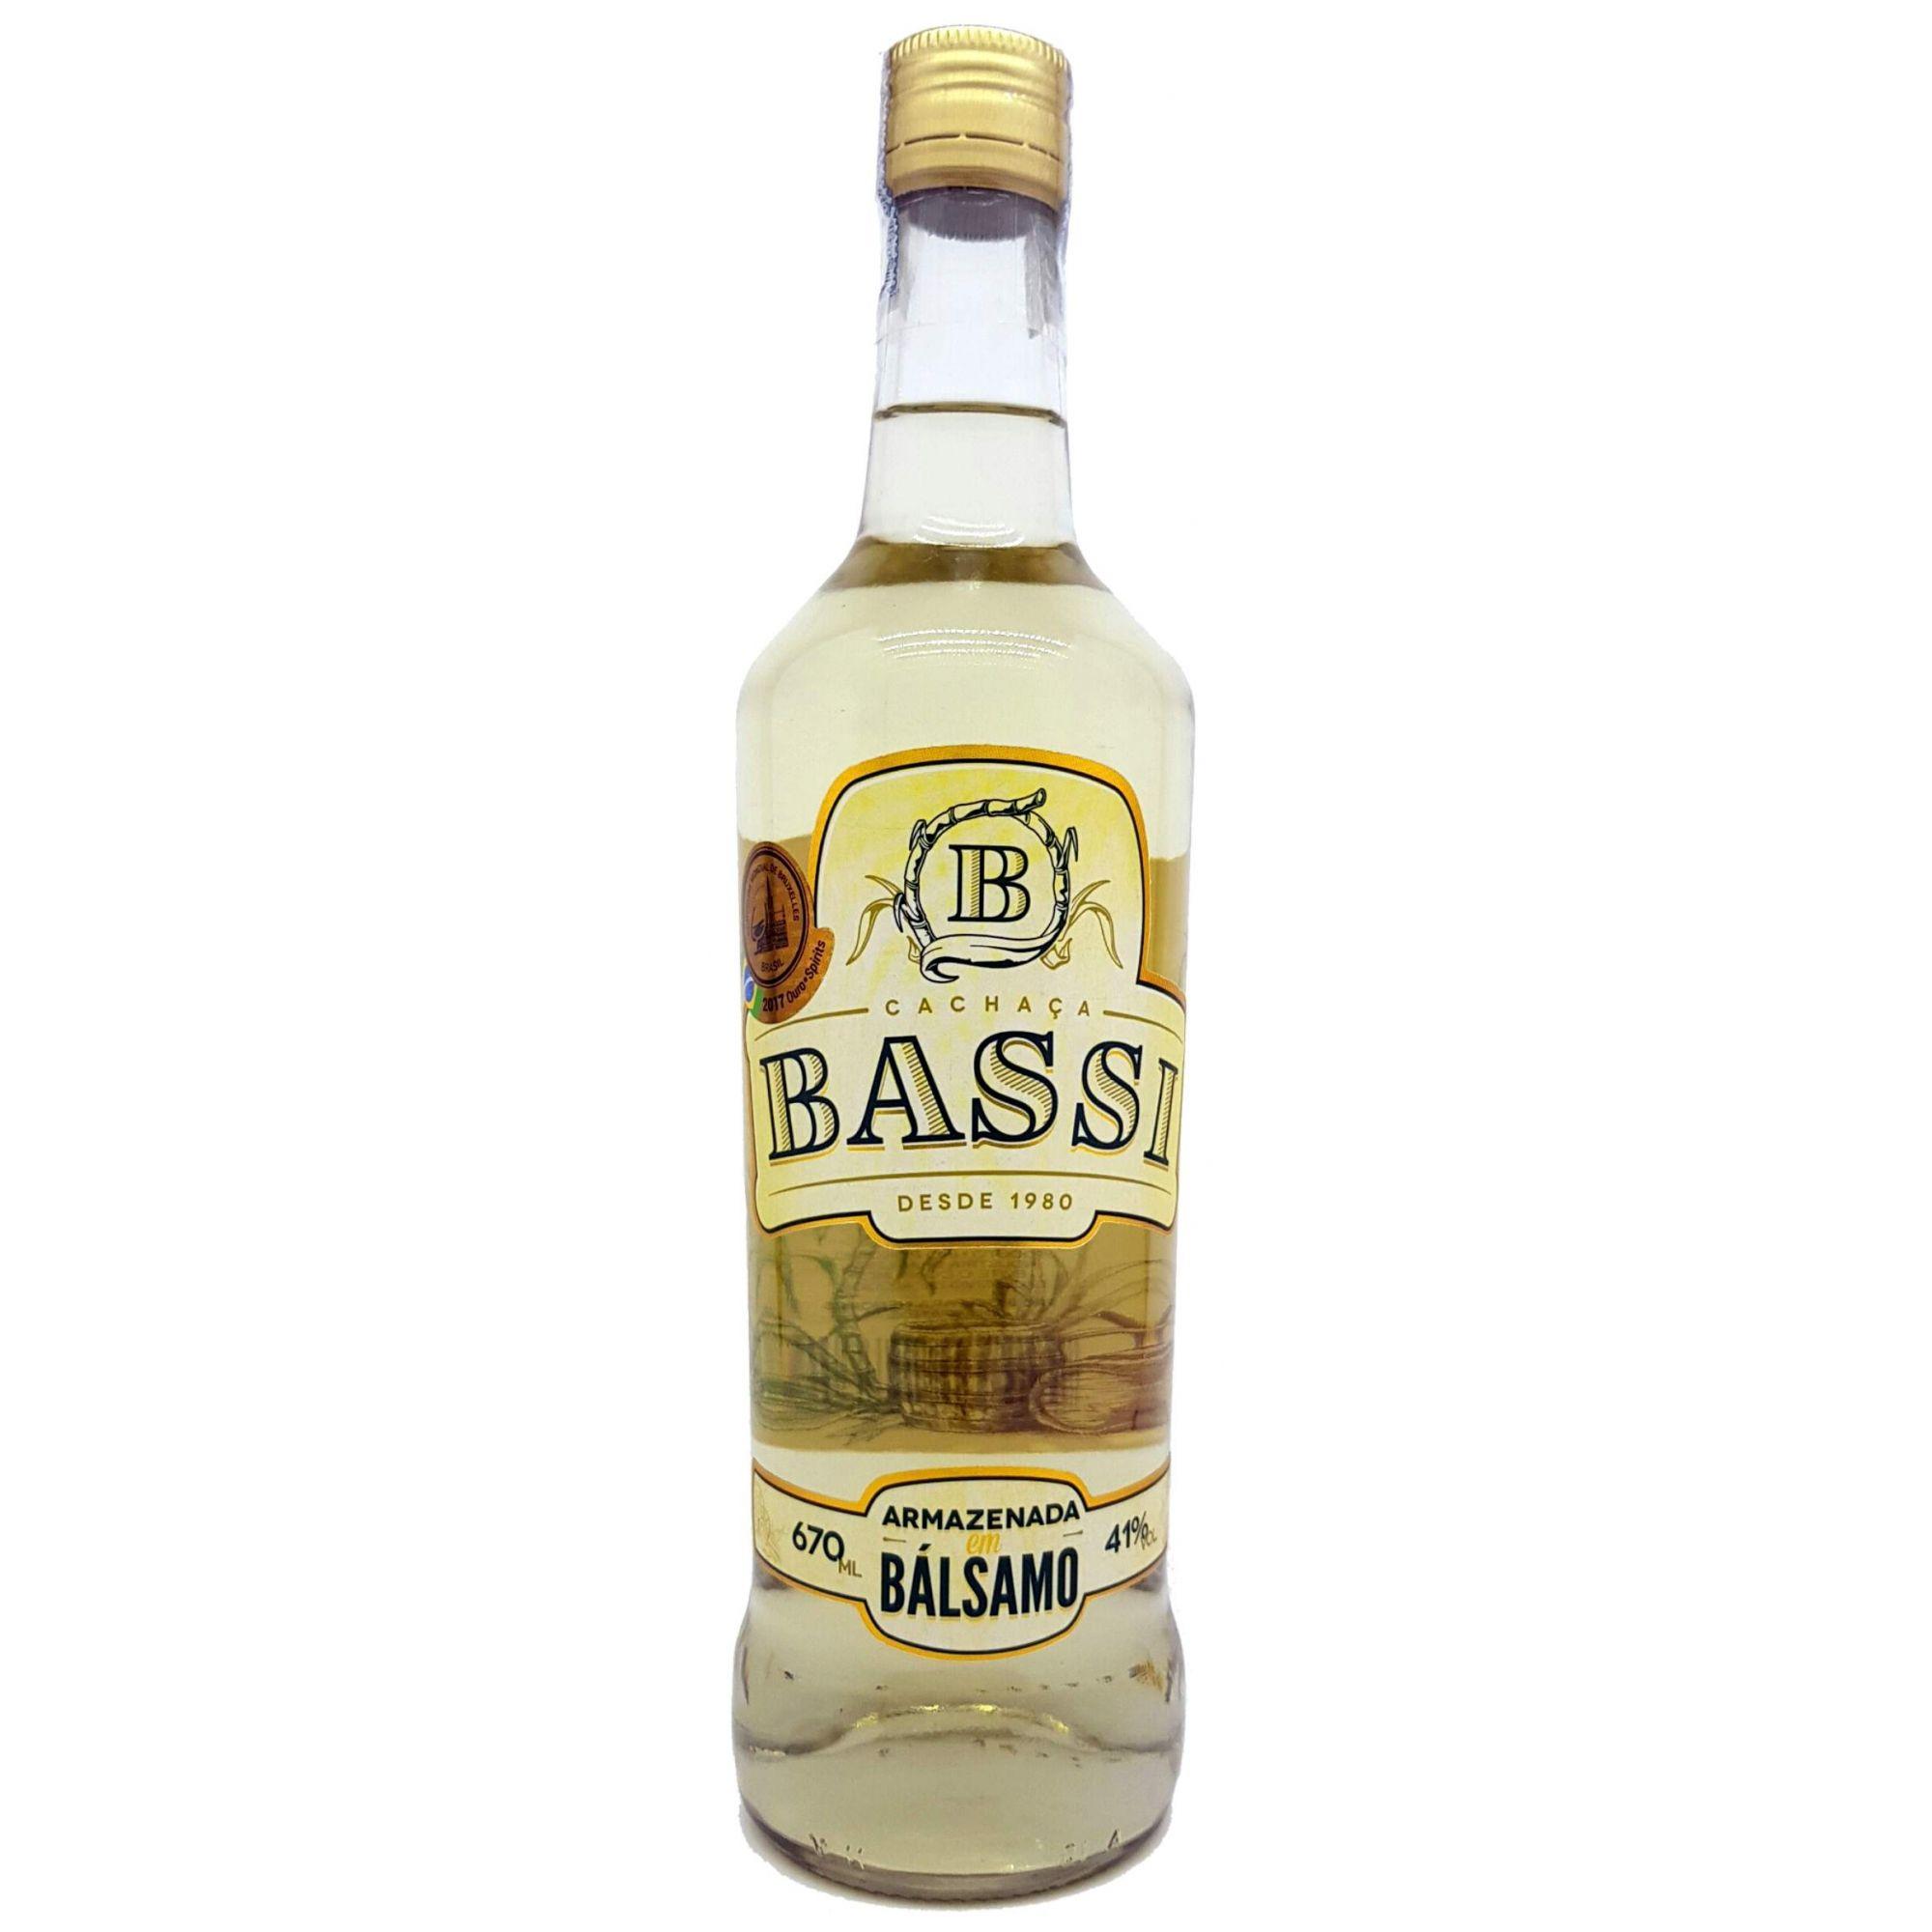 Cachaça Bassi Bálsamo 670ml